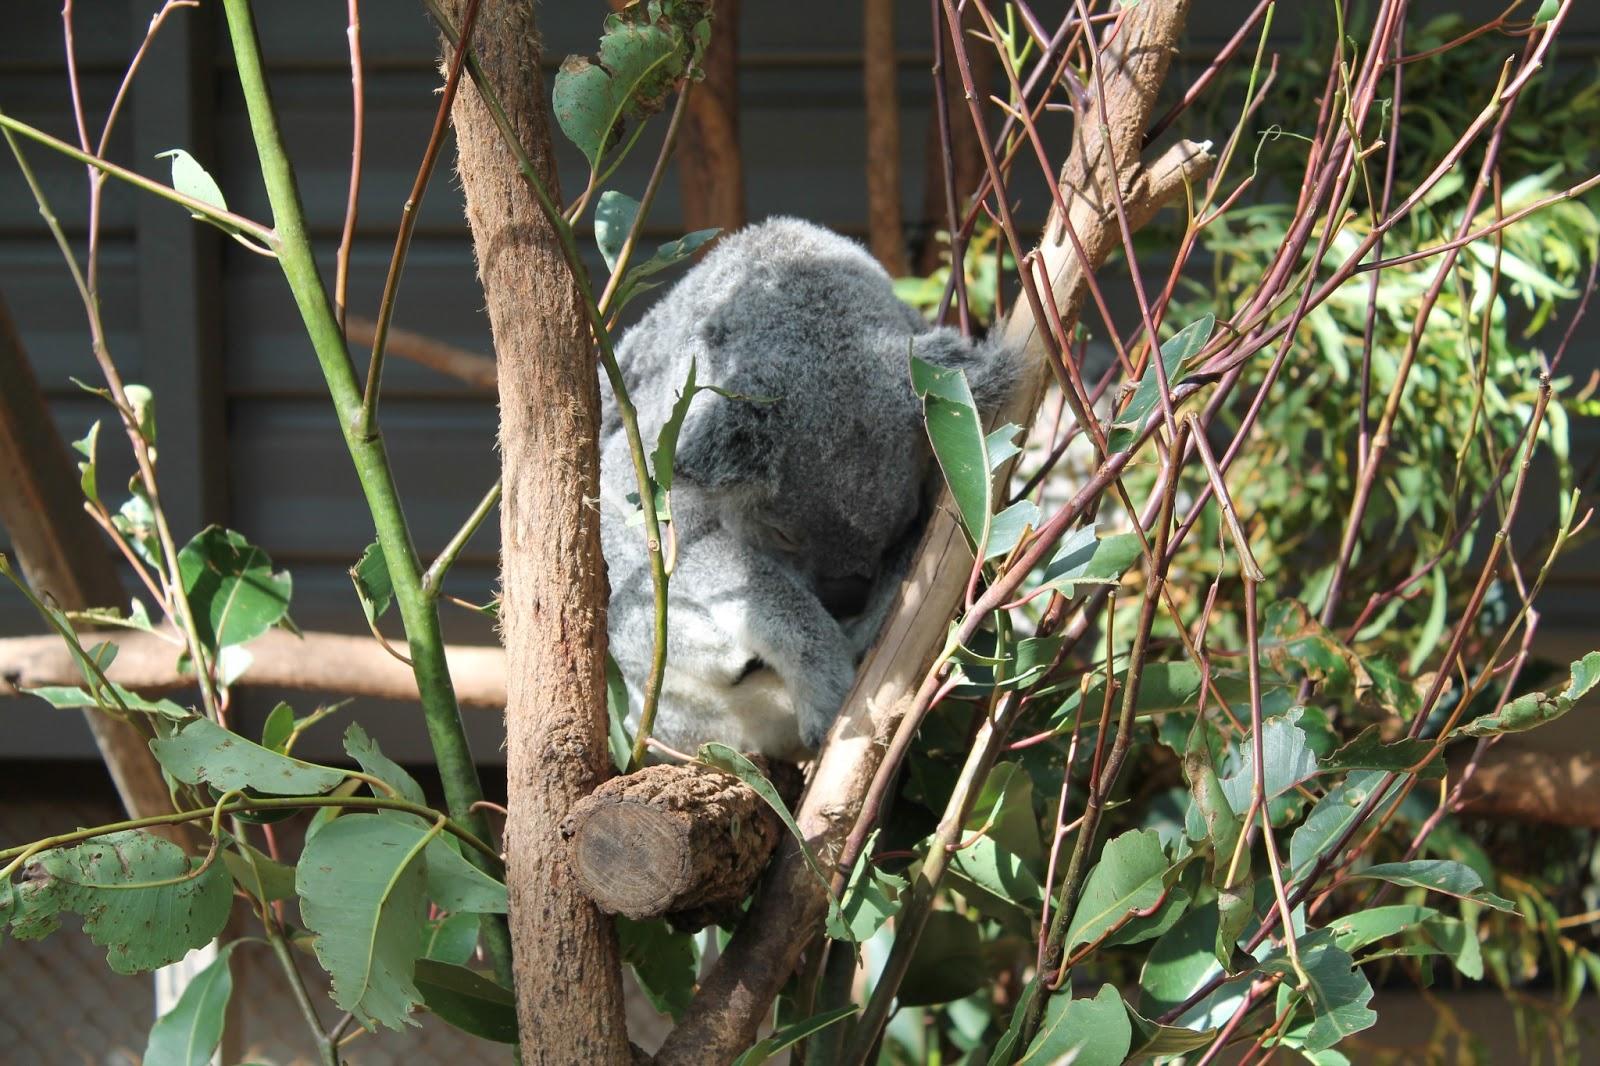 hvor mange unger kan en koala få